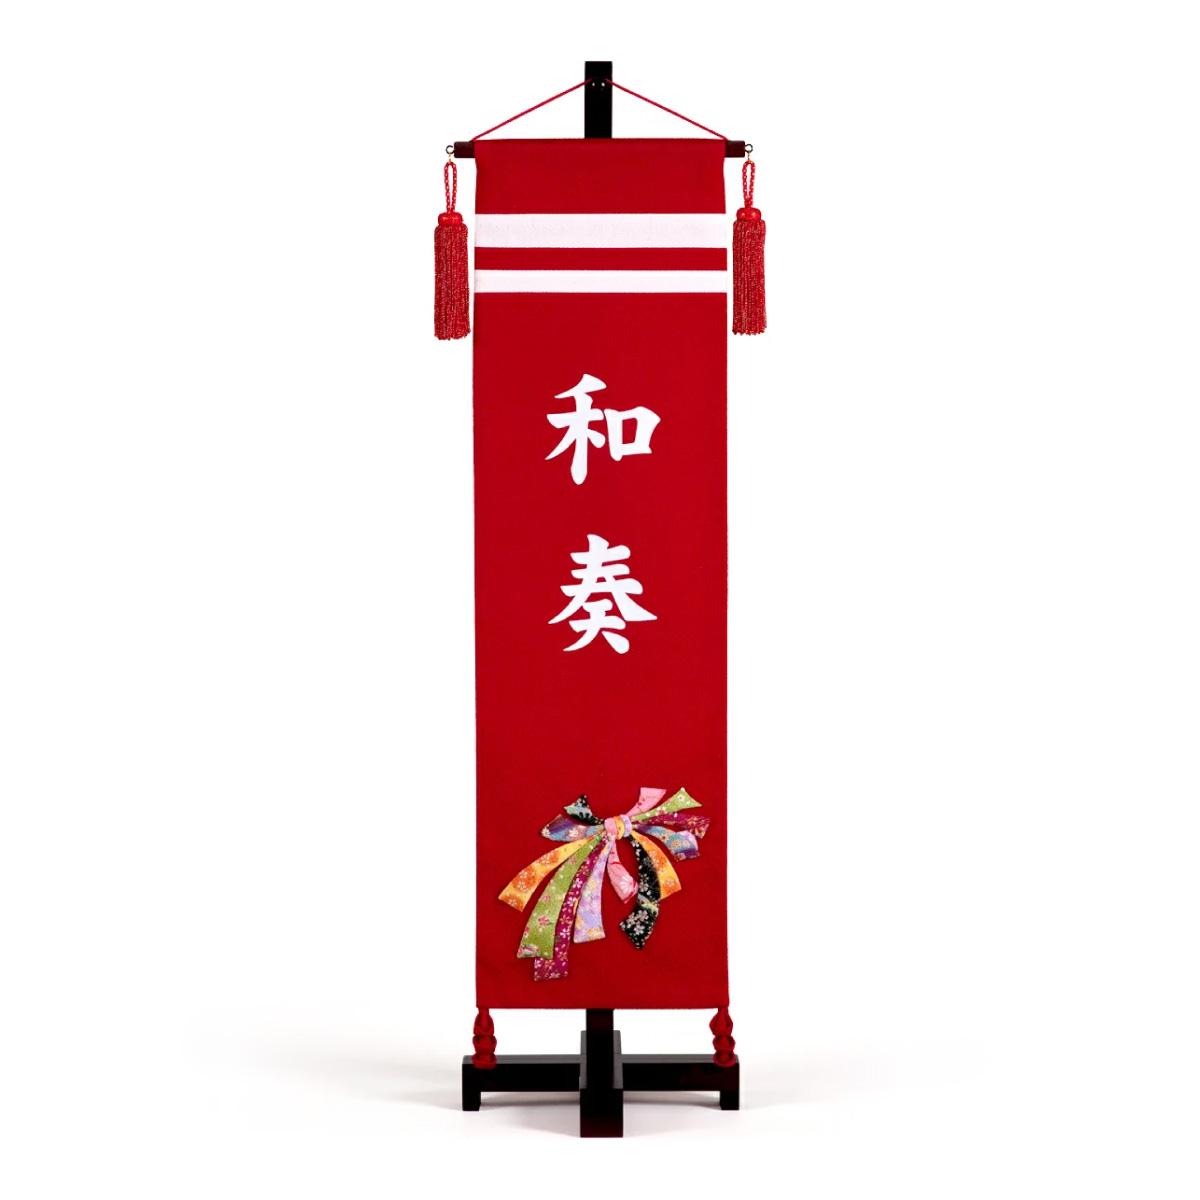 雛人形 名前旗 ちりめん【熨斗・赤色・大】